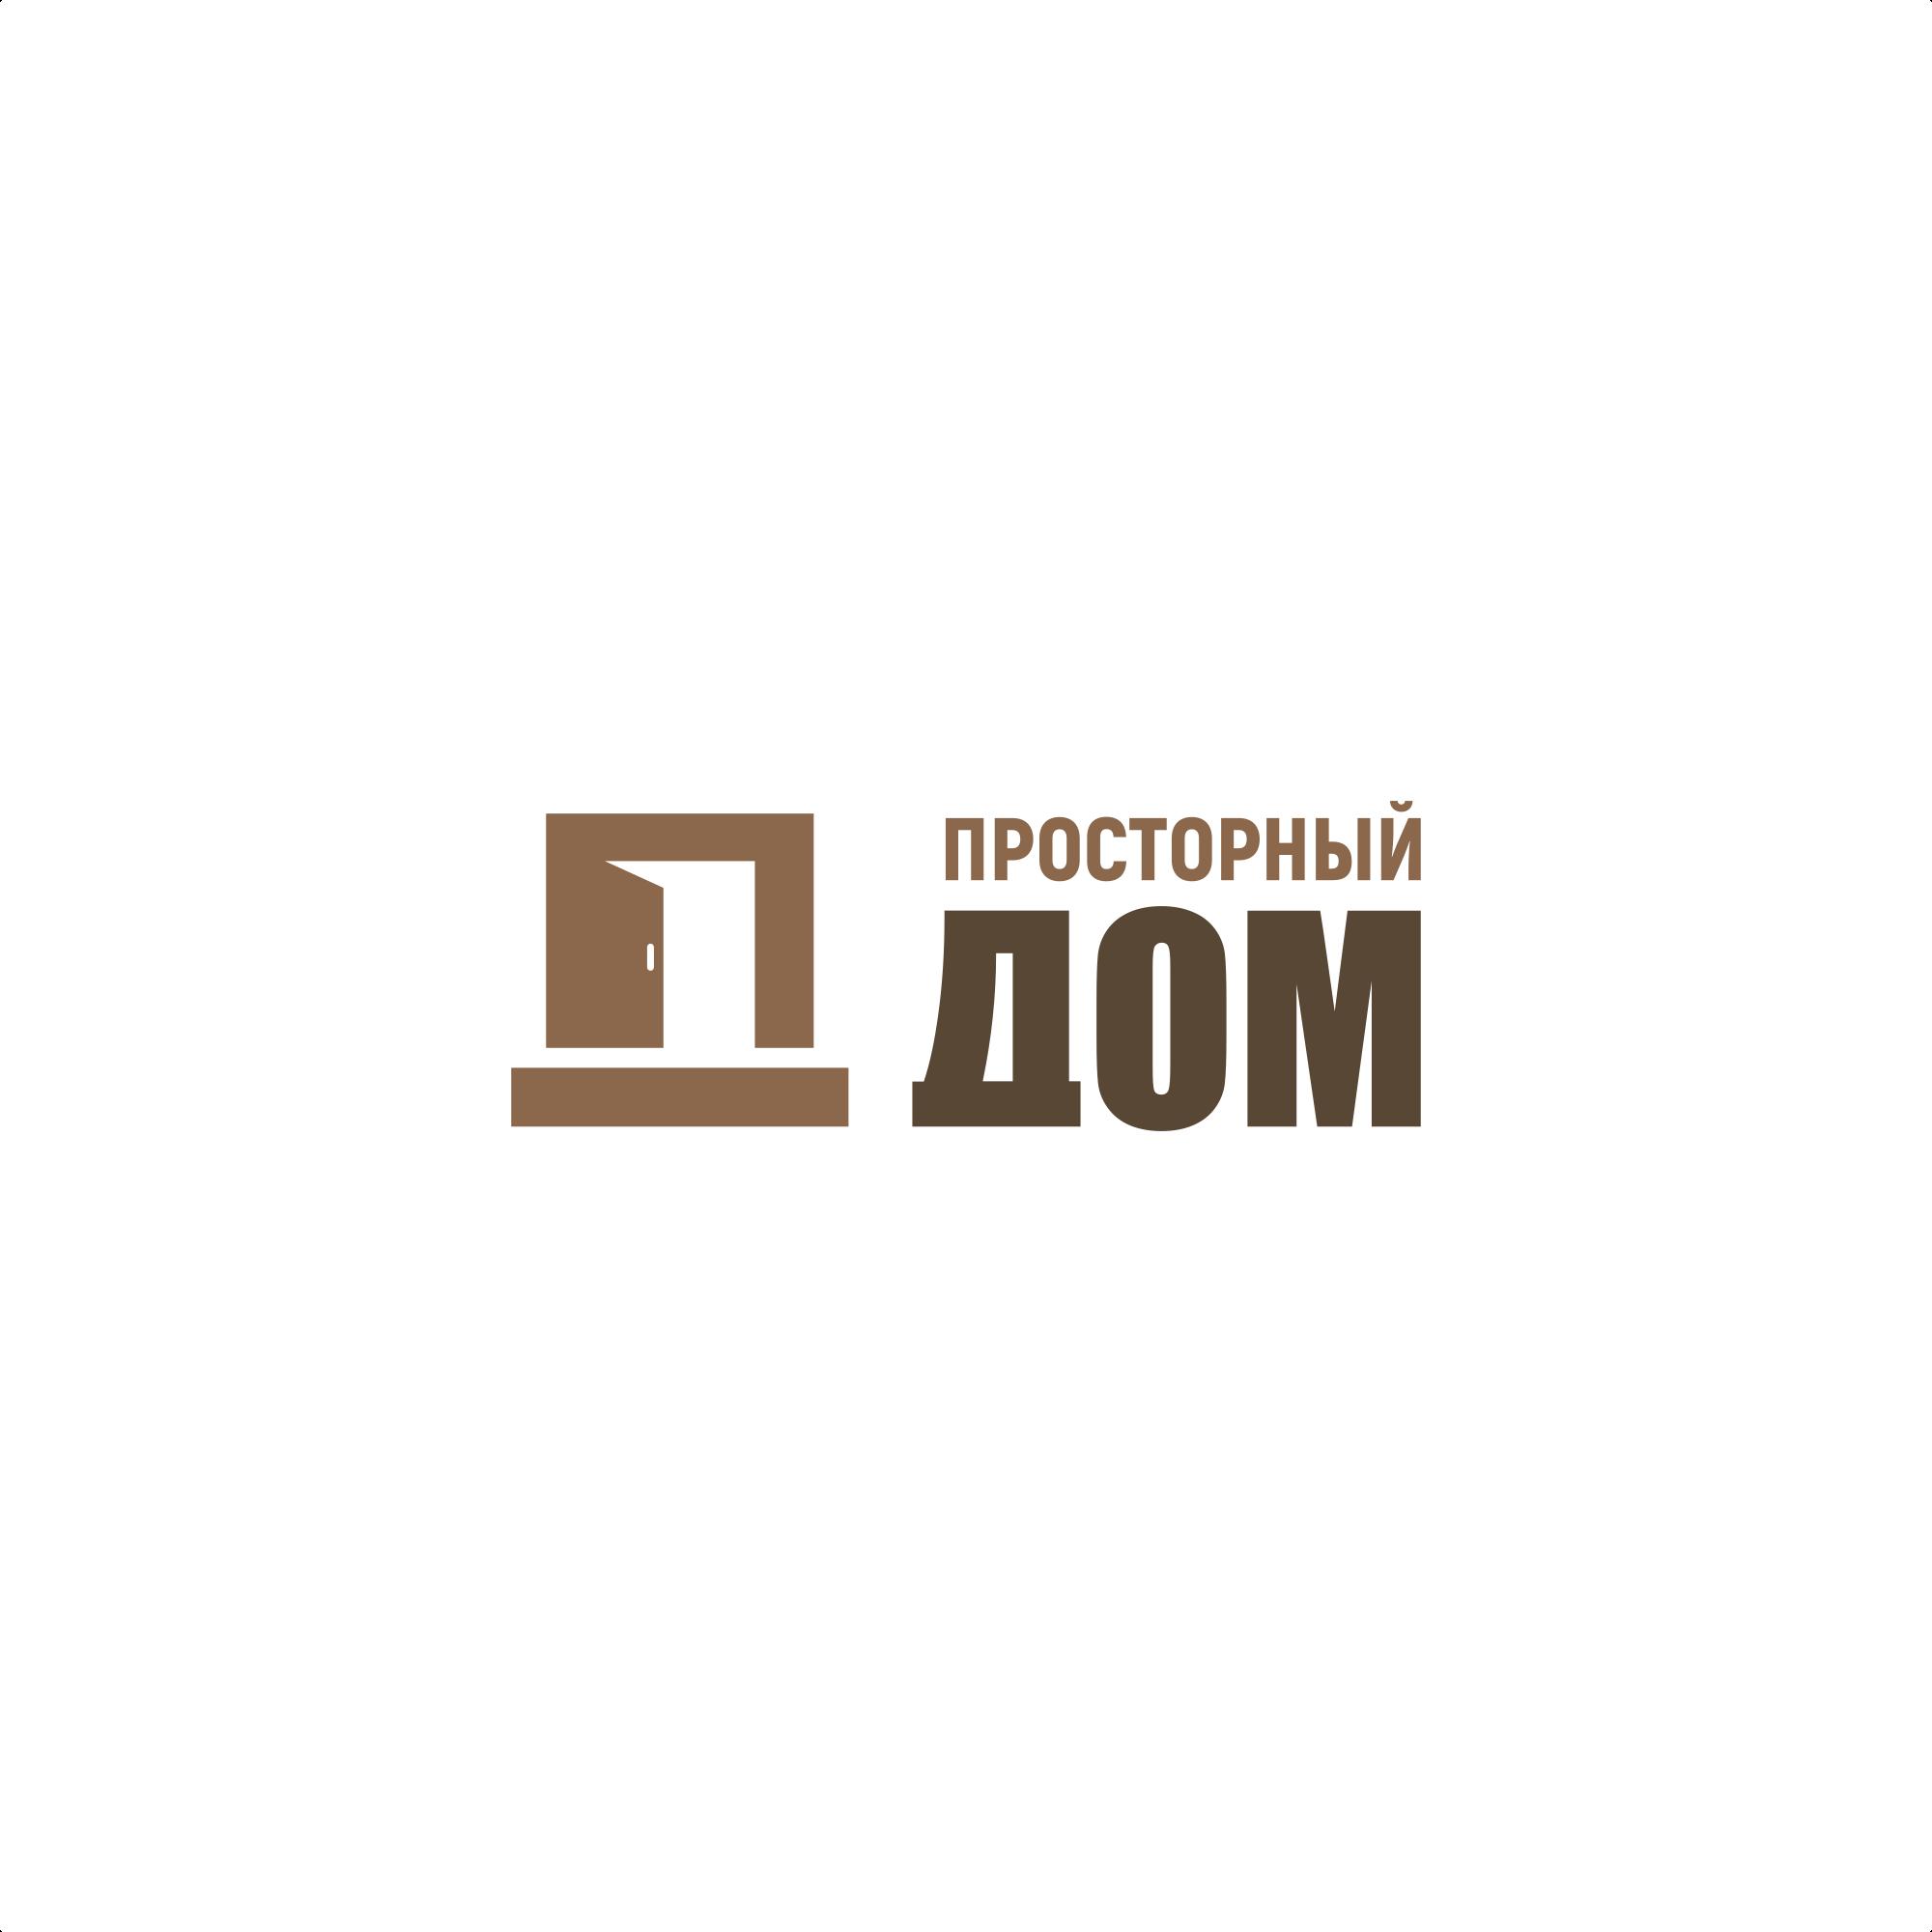 Логотип и фирменный стиль для компании по шкафам-купе фото f_1295b6cde785518e.png